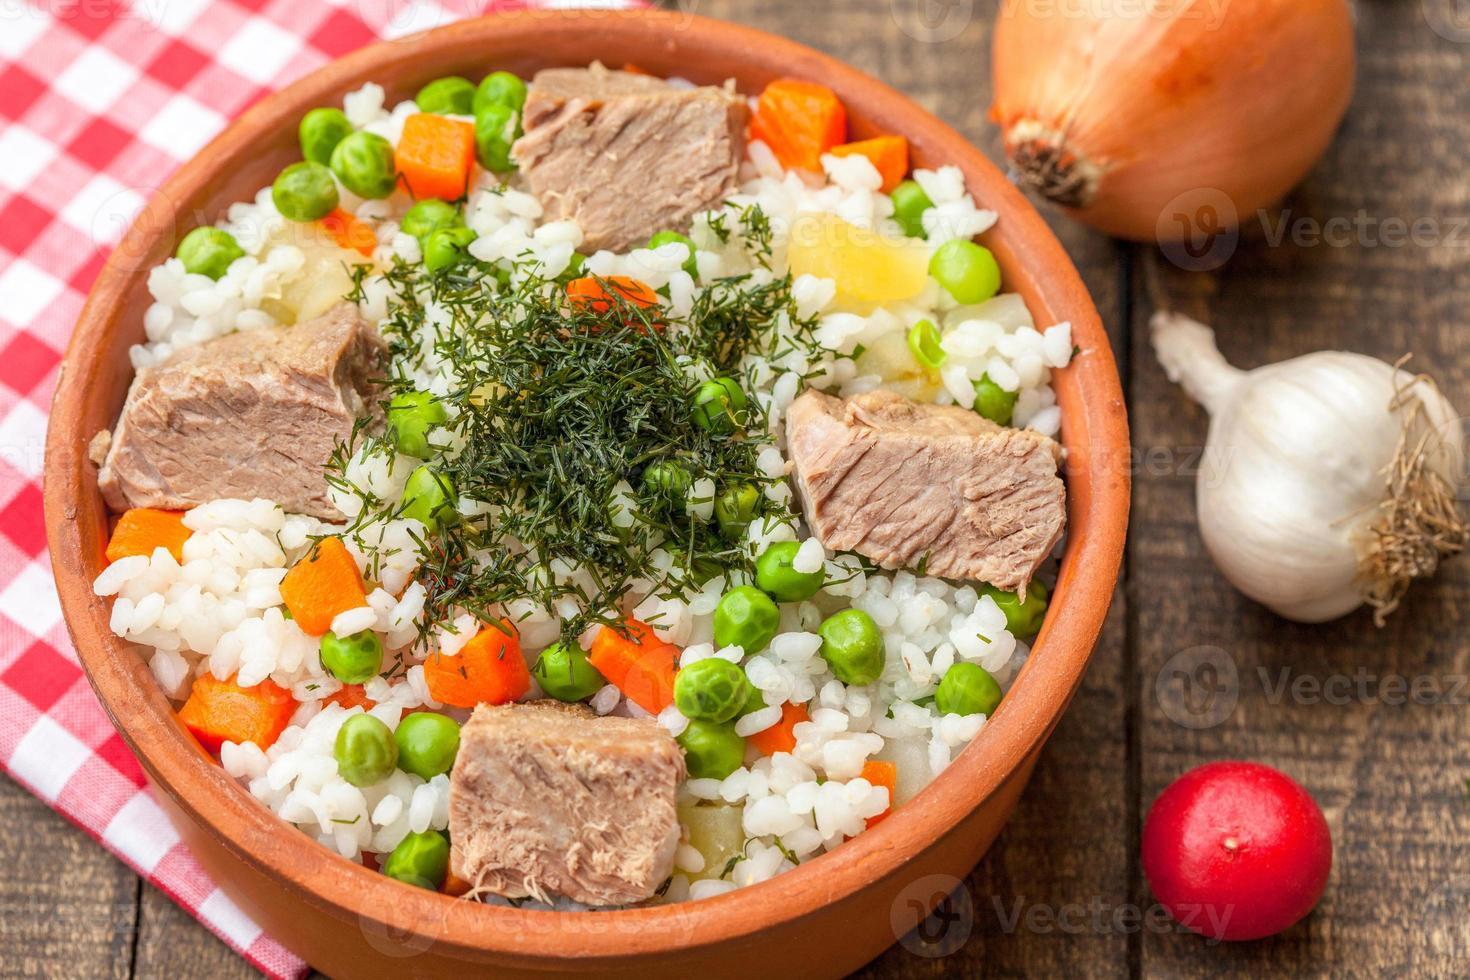 rijst met rundvlees en groente foto